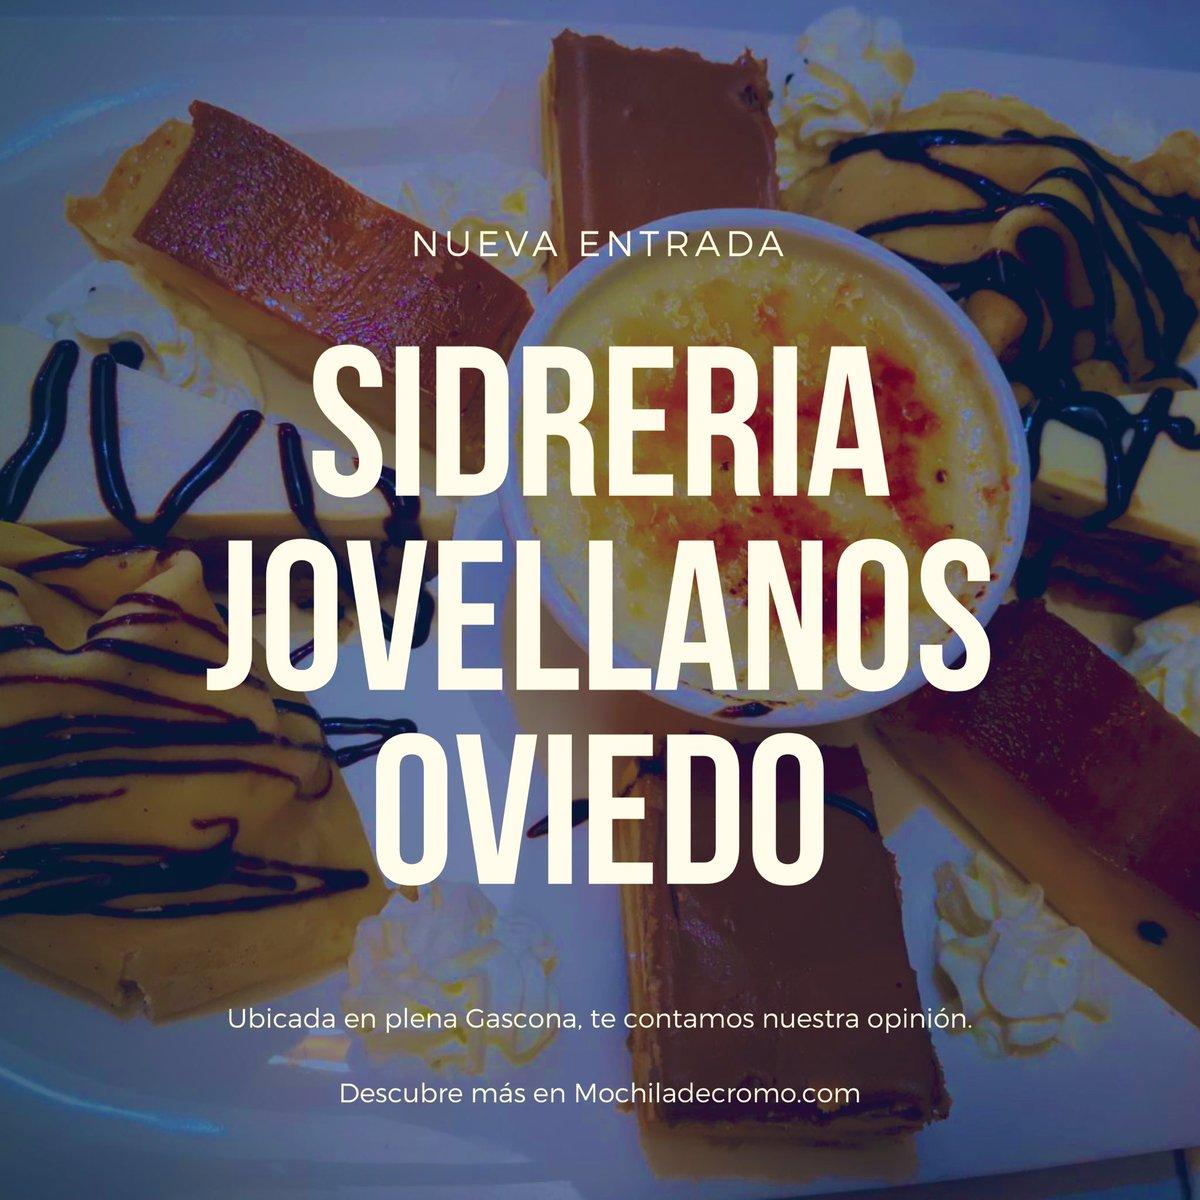 Ya tenéis nueva entrada en el blog. En este caso, os doy mi #opinión sobre la Sidrería Jovellanos en #Oviedo #Gascona #Asturias  http://mochiladecromo.com/2019/06/16/sidreria-jovellanos-oviedo-opinion/…